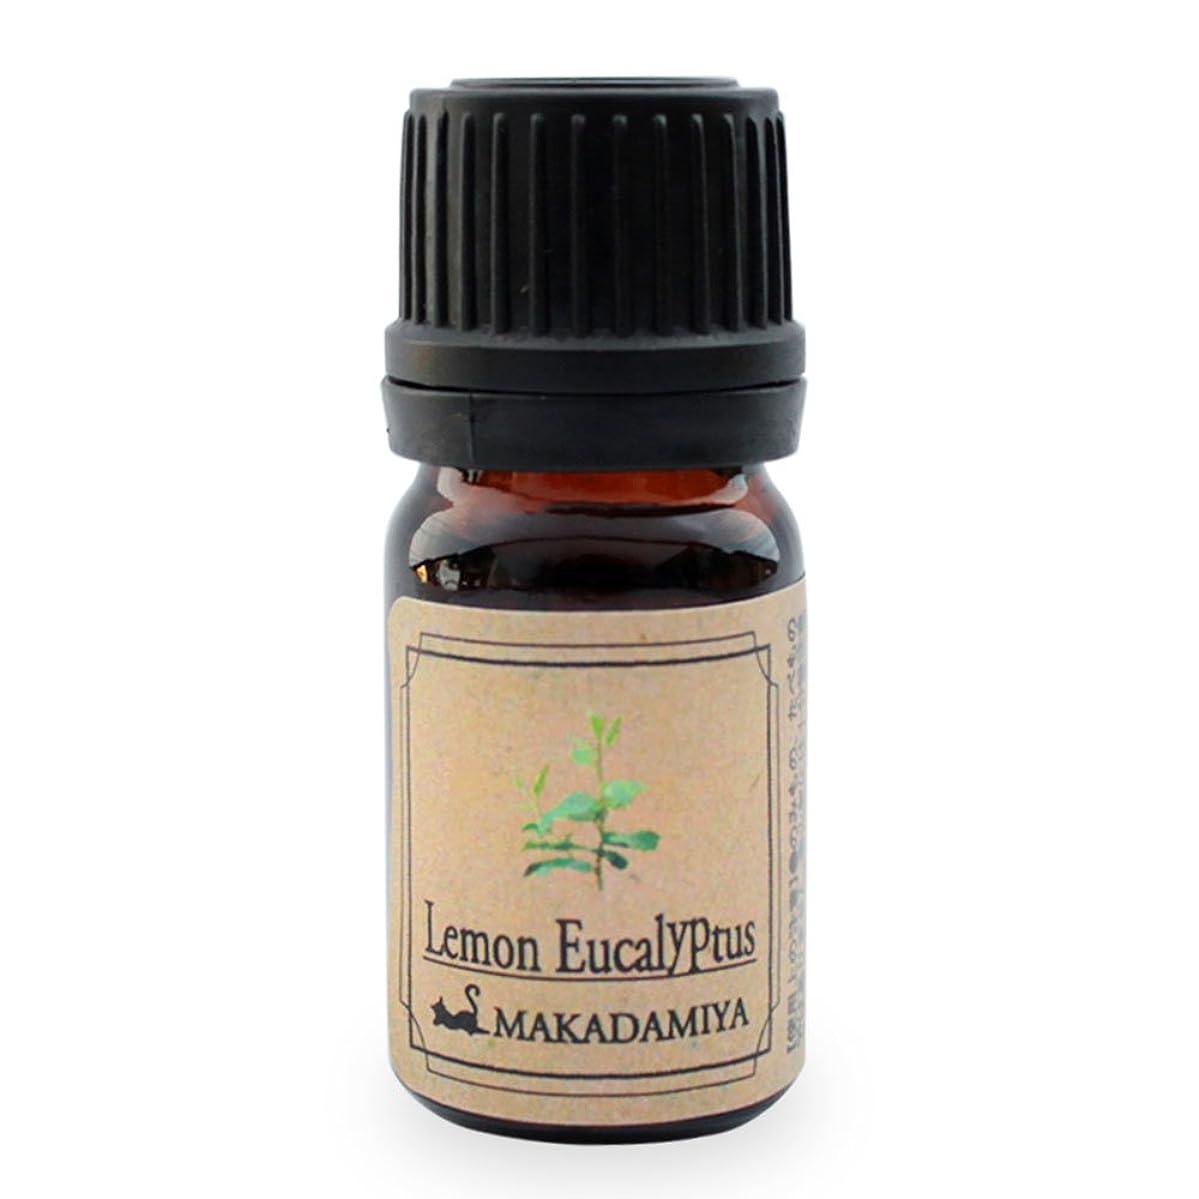 魚フラグラントアルファベットレモンユーカリ5ml 天然100%植物性 エッセンシャルオイル(精油) アロマオイル アロママッサージ aroma Eucalyptus Citriodora